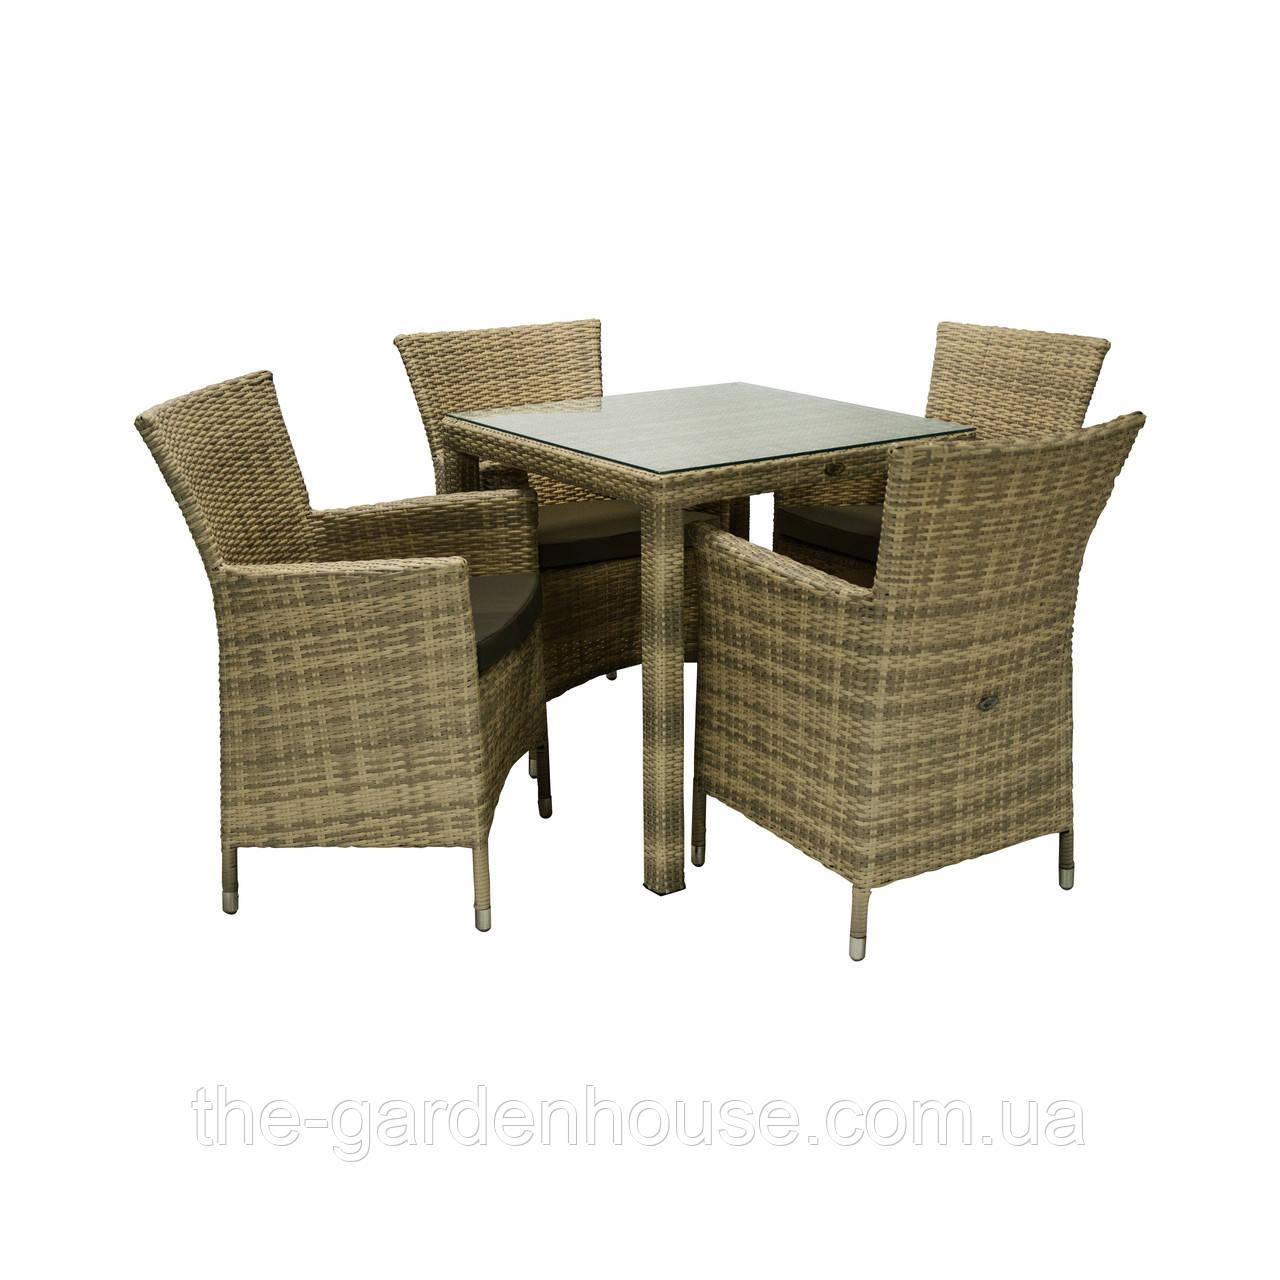 Обеденный комплект мебели Викер из техноротанга капучино